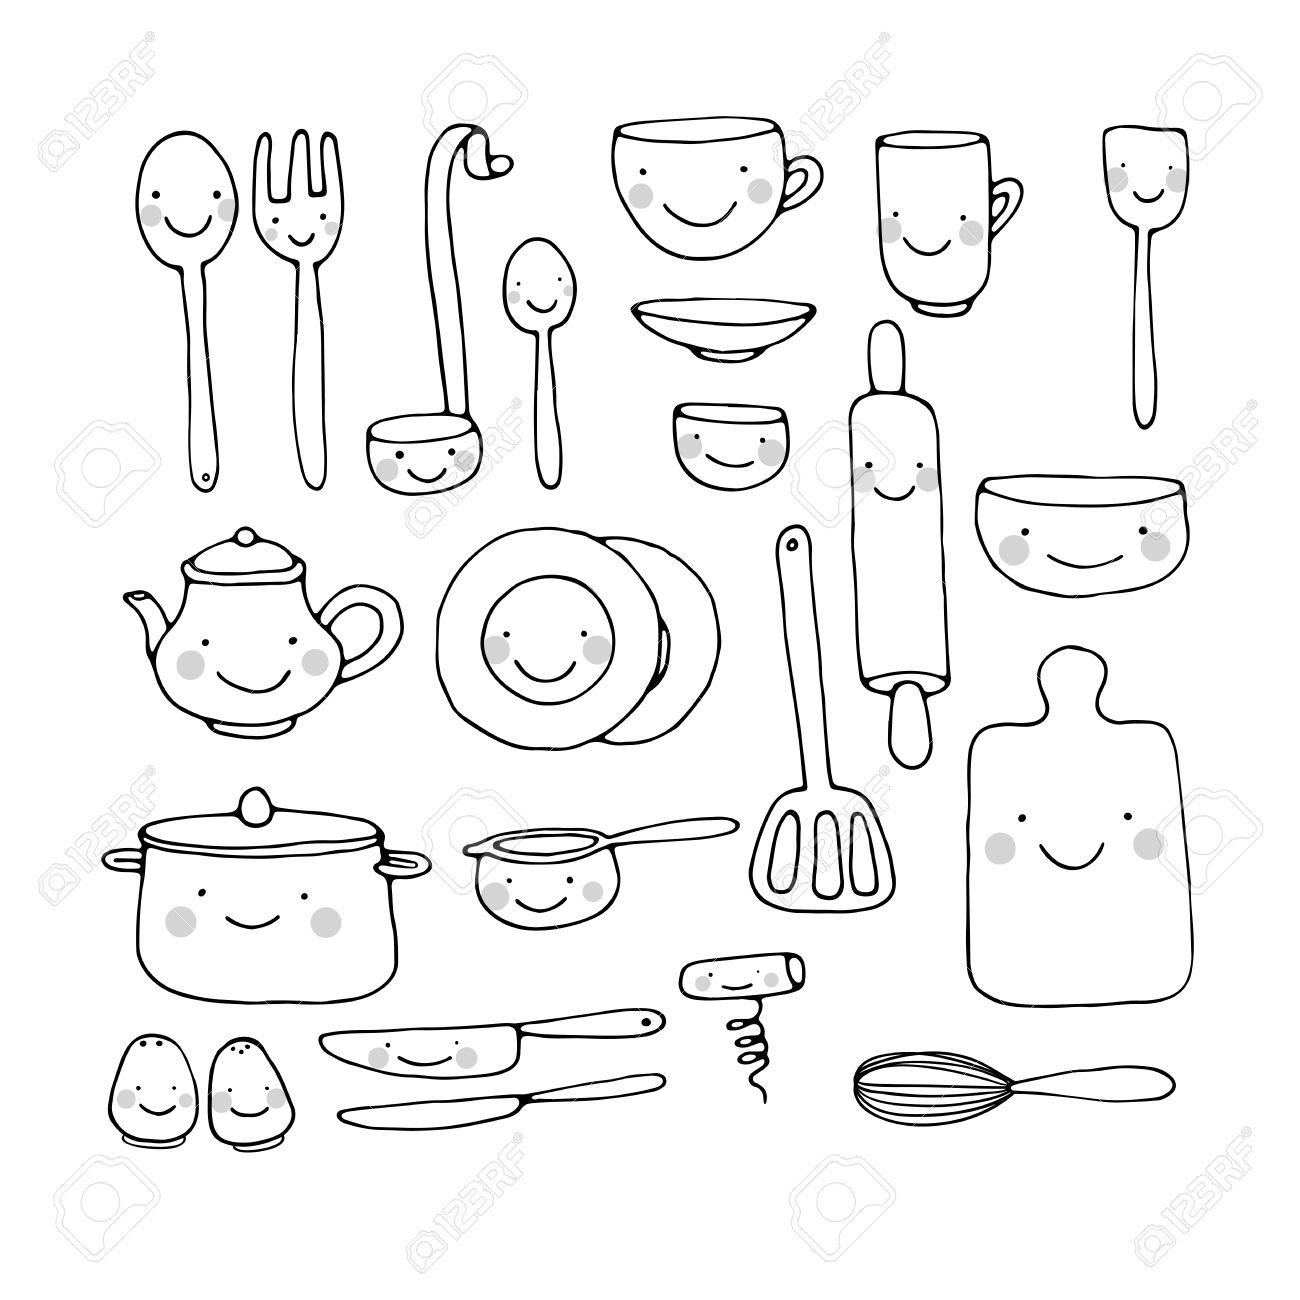 Un Ensemble D Ustensiles De Cuisine Dessin A La Main Des Objets